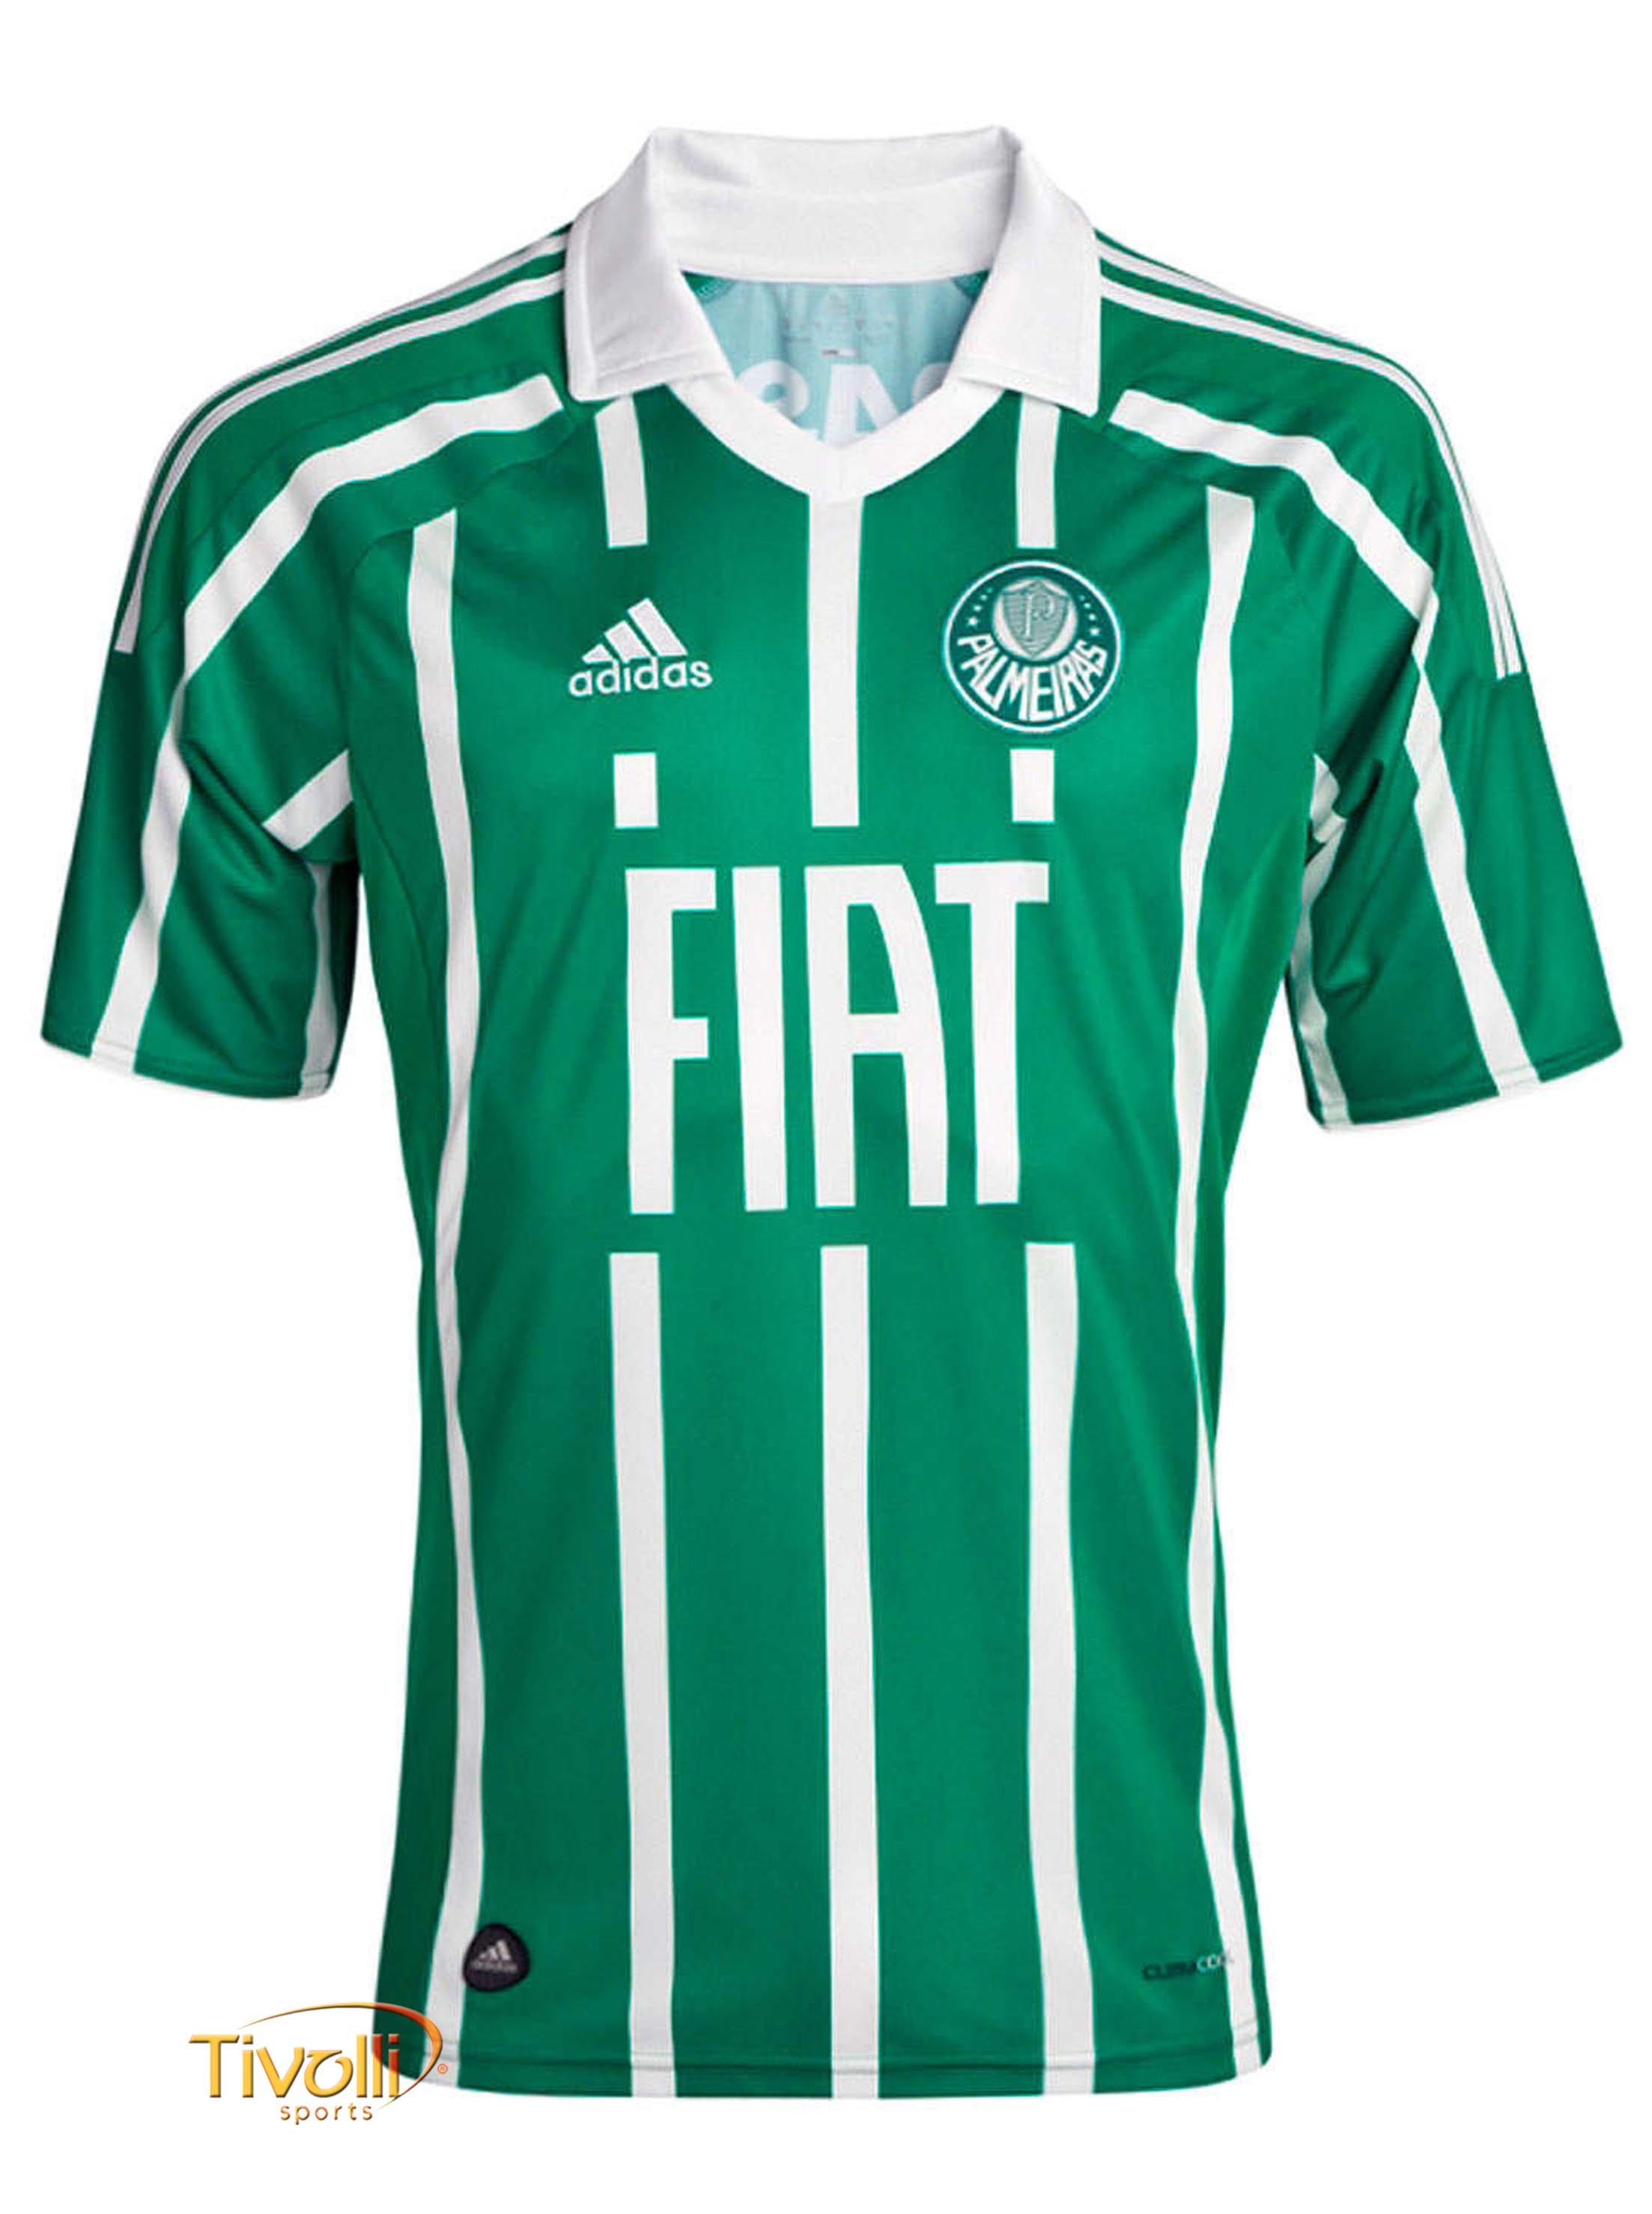 bcf2003e6 Black Friday - Camisa Palmeiras III 2011 Adidas   Verde e Branca